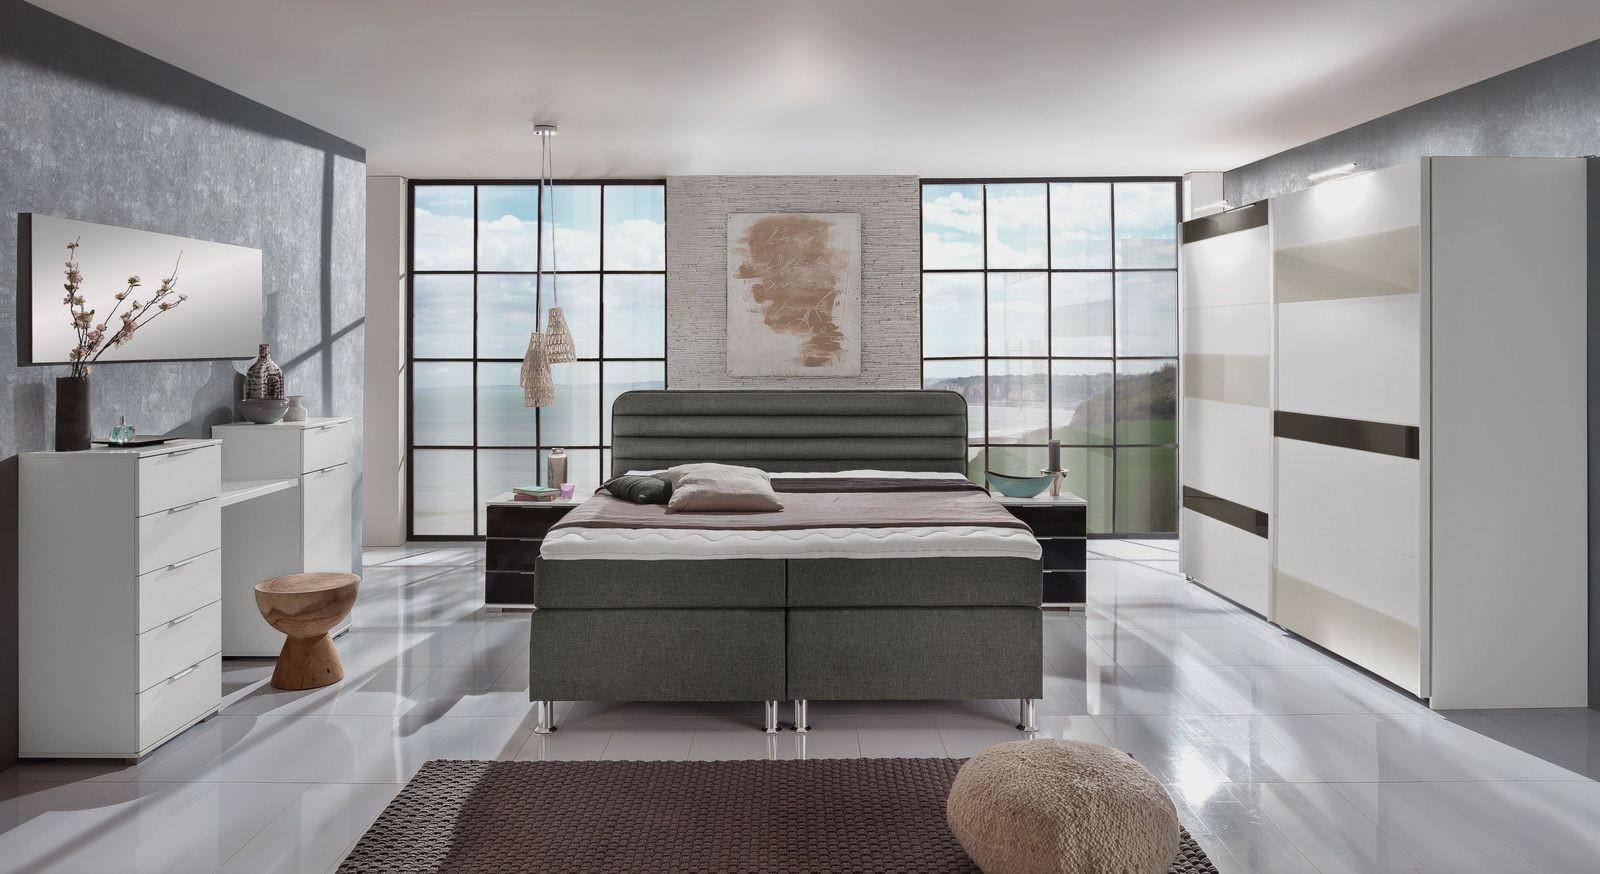 Full Size of Schlafzimmer Mit überbau Stehlampe Bett 200x200 Bettkasten Wandtattoos Stuhl Rauch Ikea Sofa Schlaffunktion Günstig Kommoden Matratze Loddenkemper Led Schlafzimmer Schlafzimmer Mit überbau